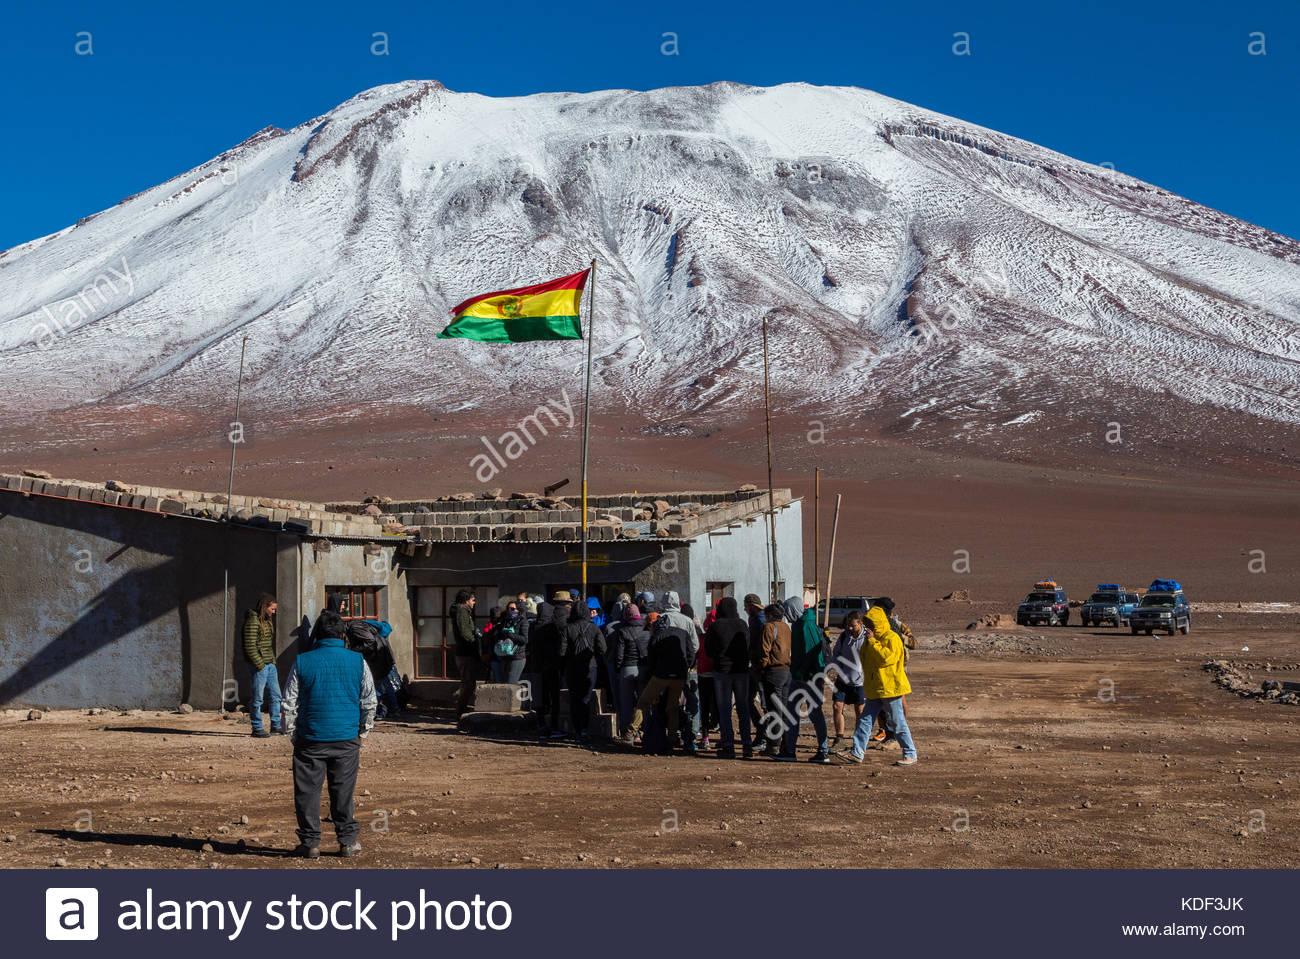 Frontière Bolivie Chili, à côté du Volcan Juriques Photo Stock